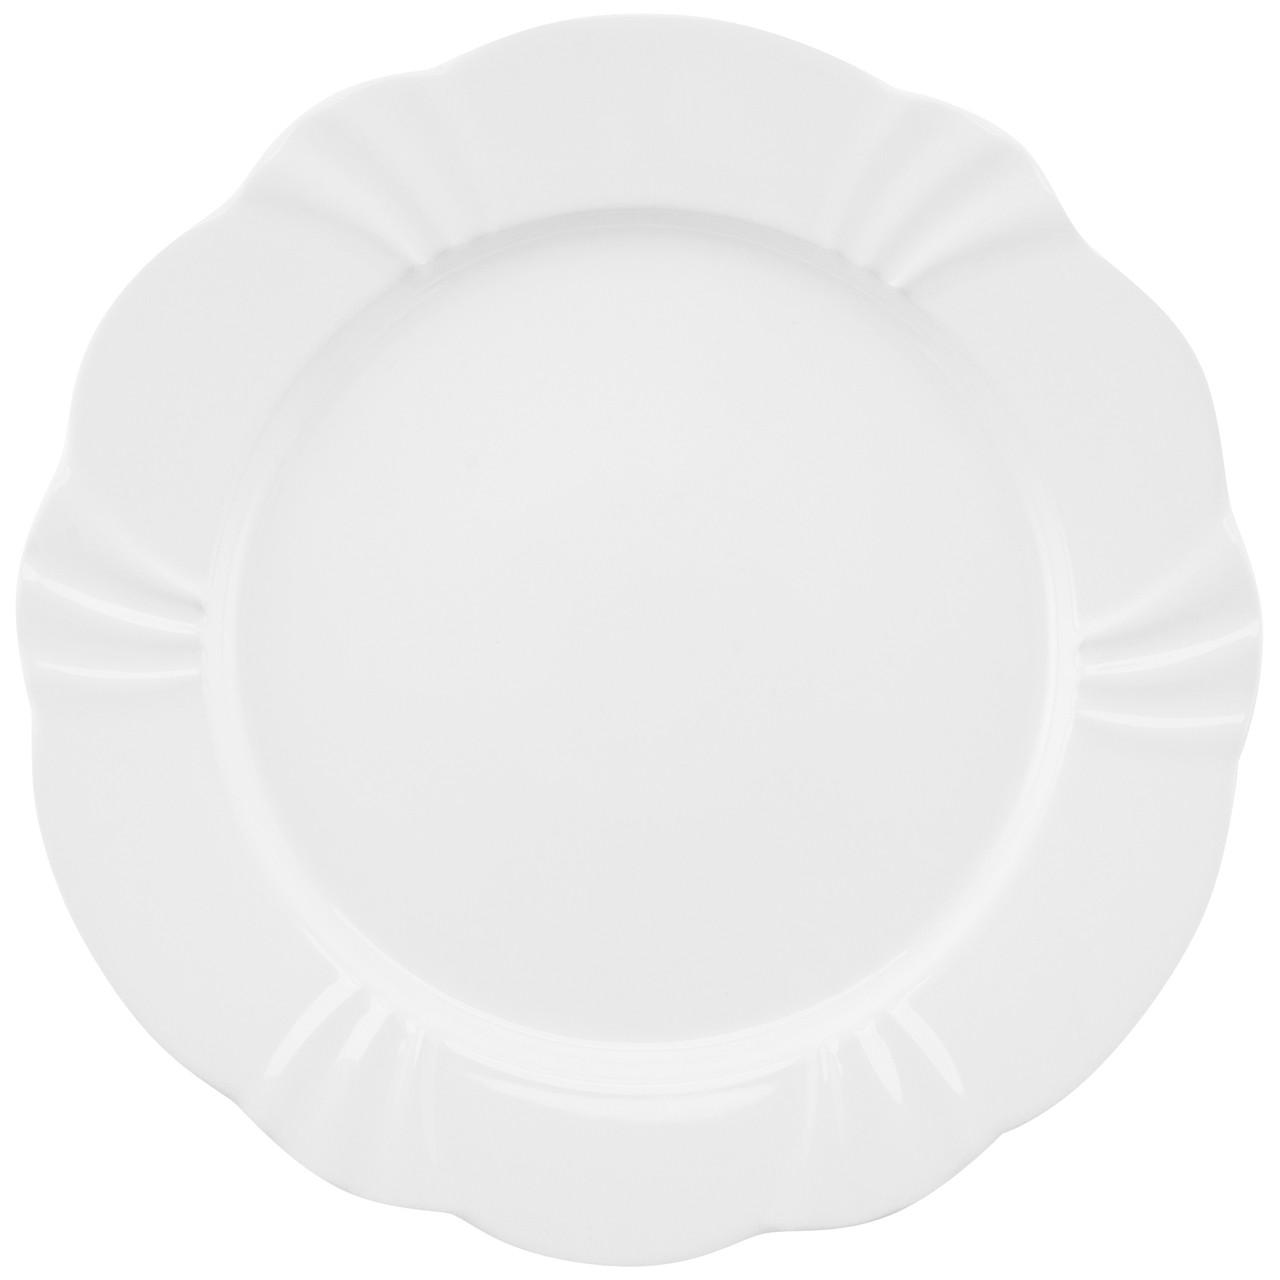 Conjunto de Pratos de Sobremesa 06 Peças Soleil White Oxford